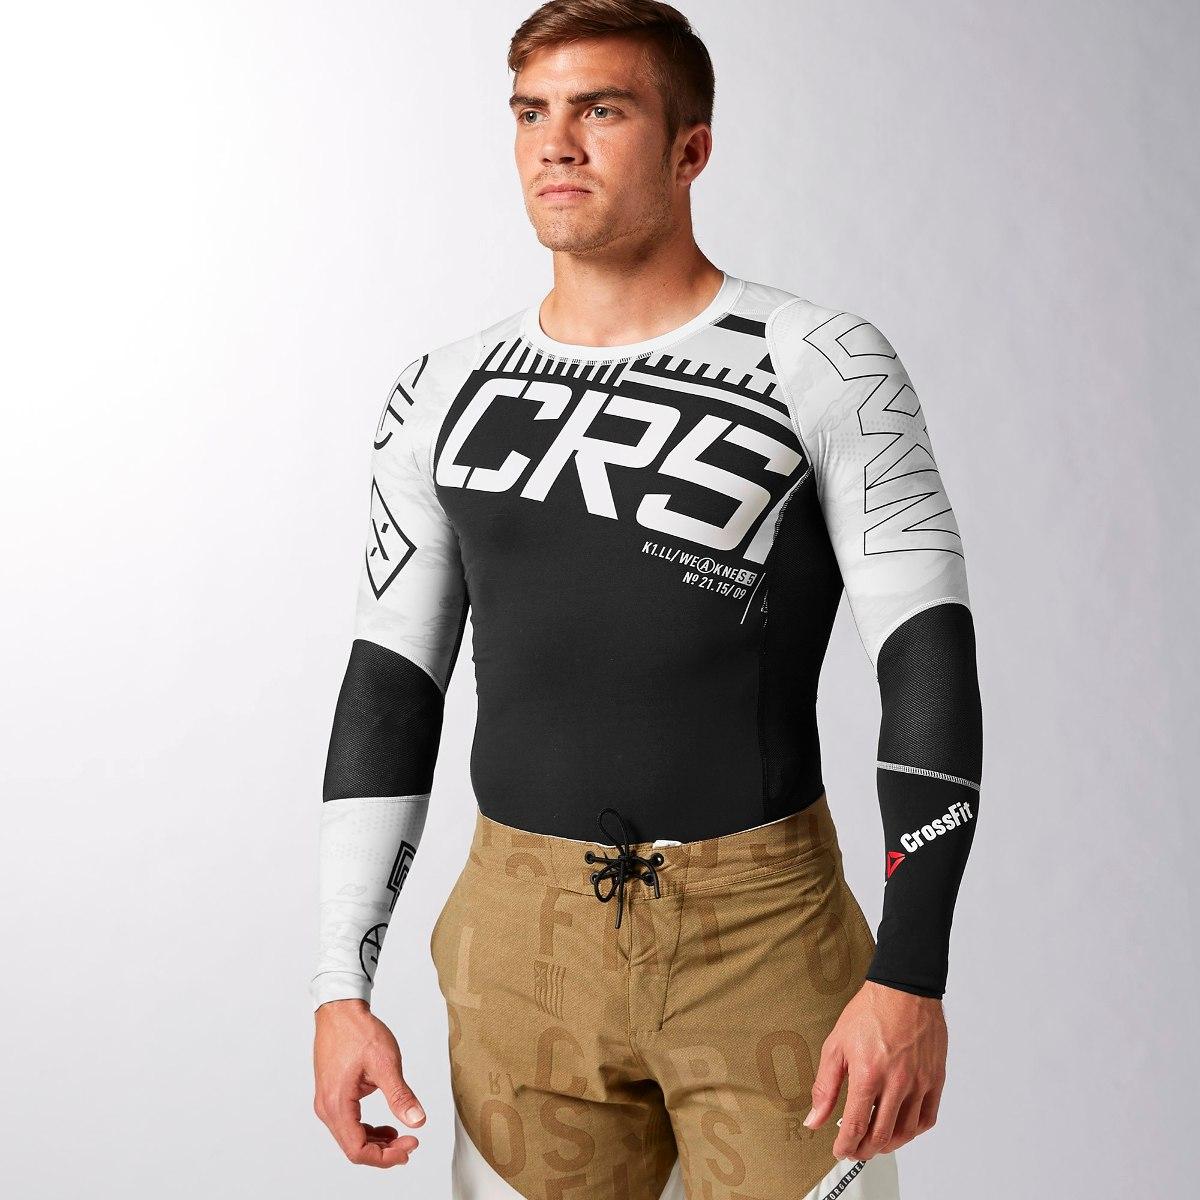 camiseta de compressão reebok crossfit large nova. Carregando zoom. a7c264eab6bbd